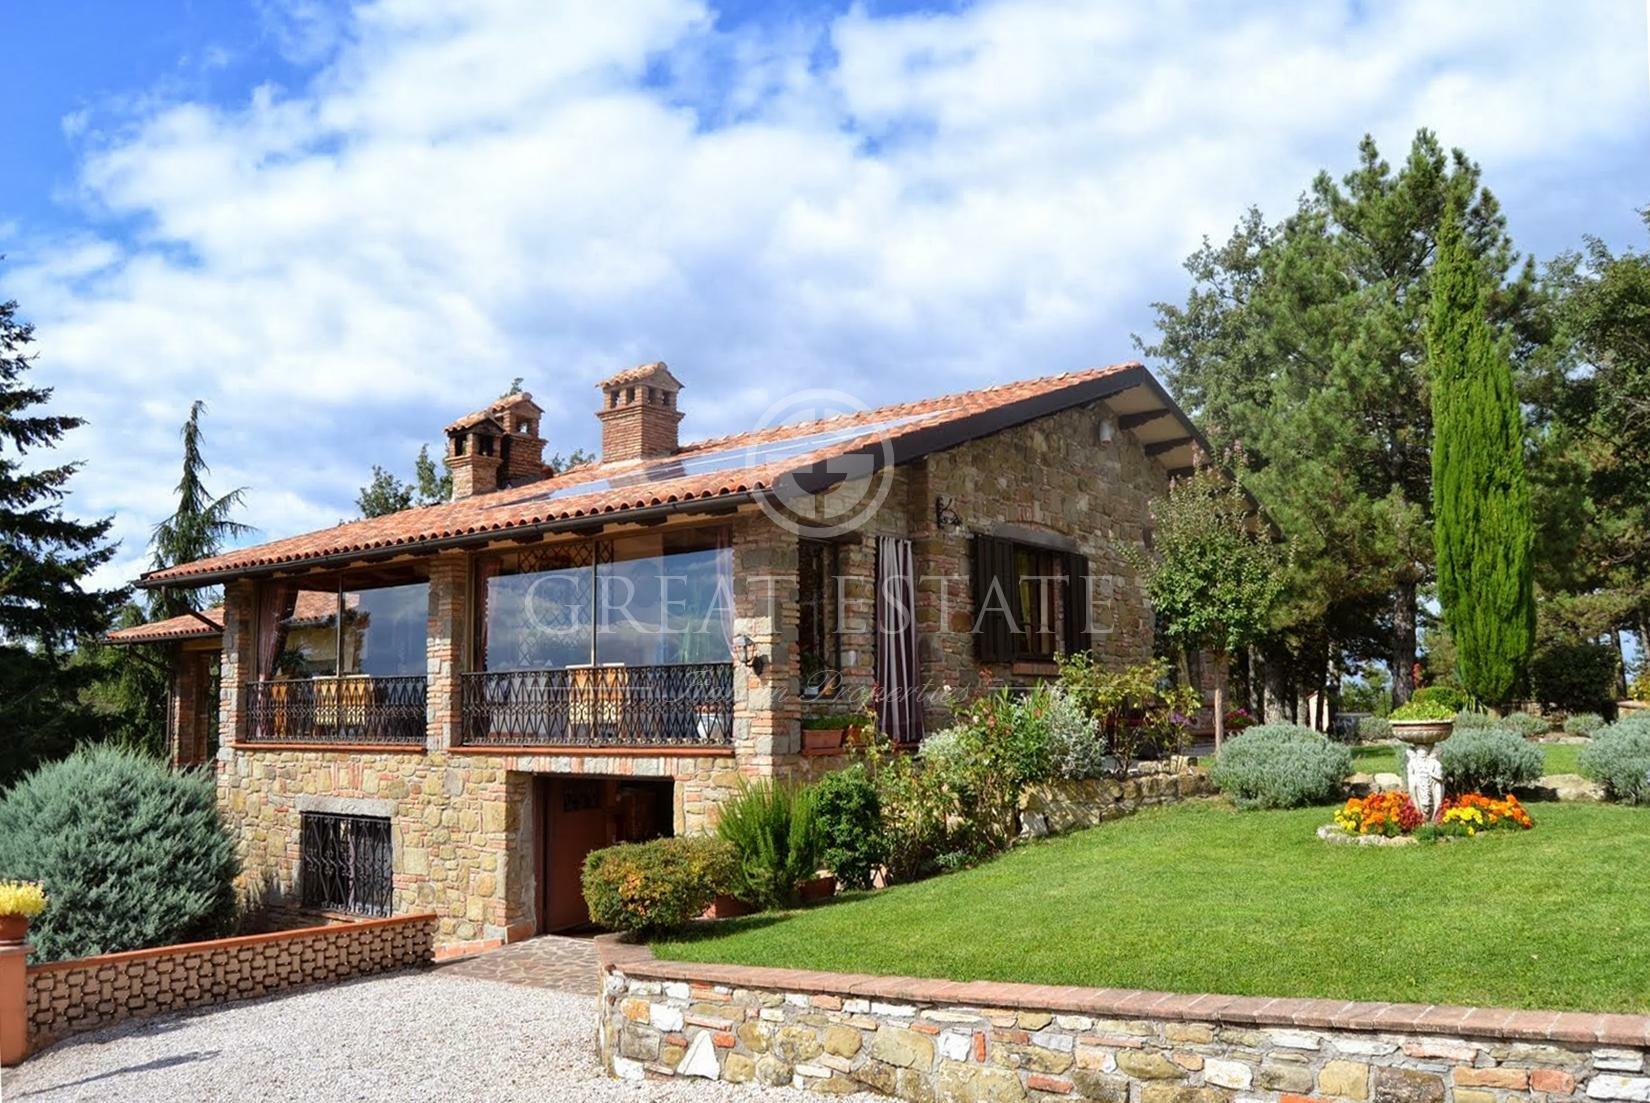 Estate in Passignano sul Trasimeno, Umbria, Italy 1 - 11274324